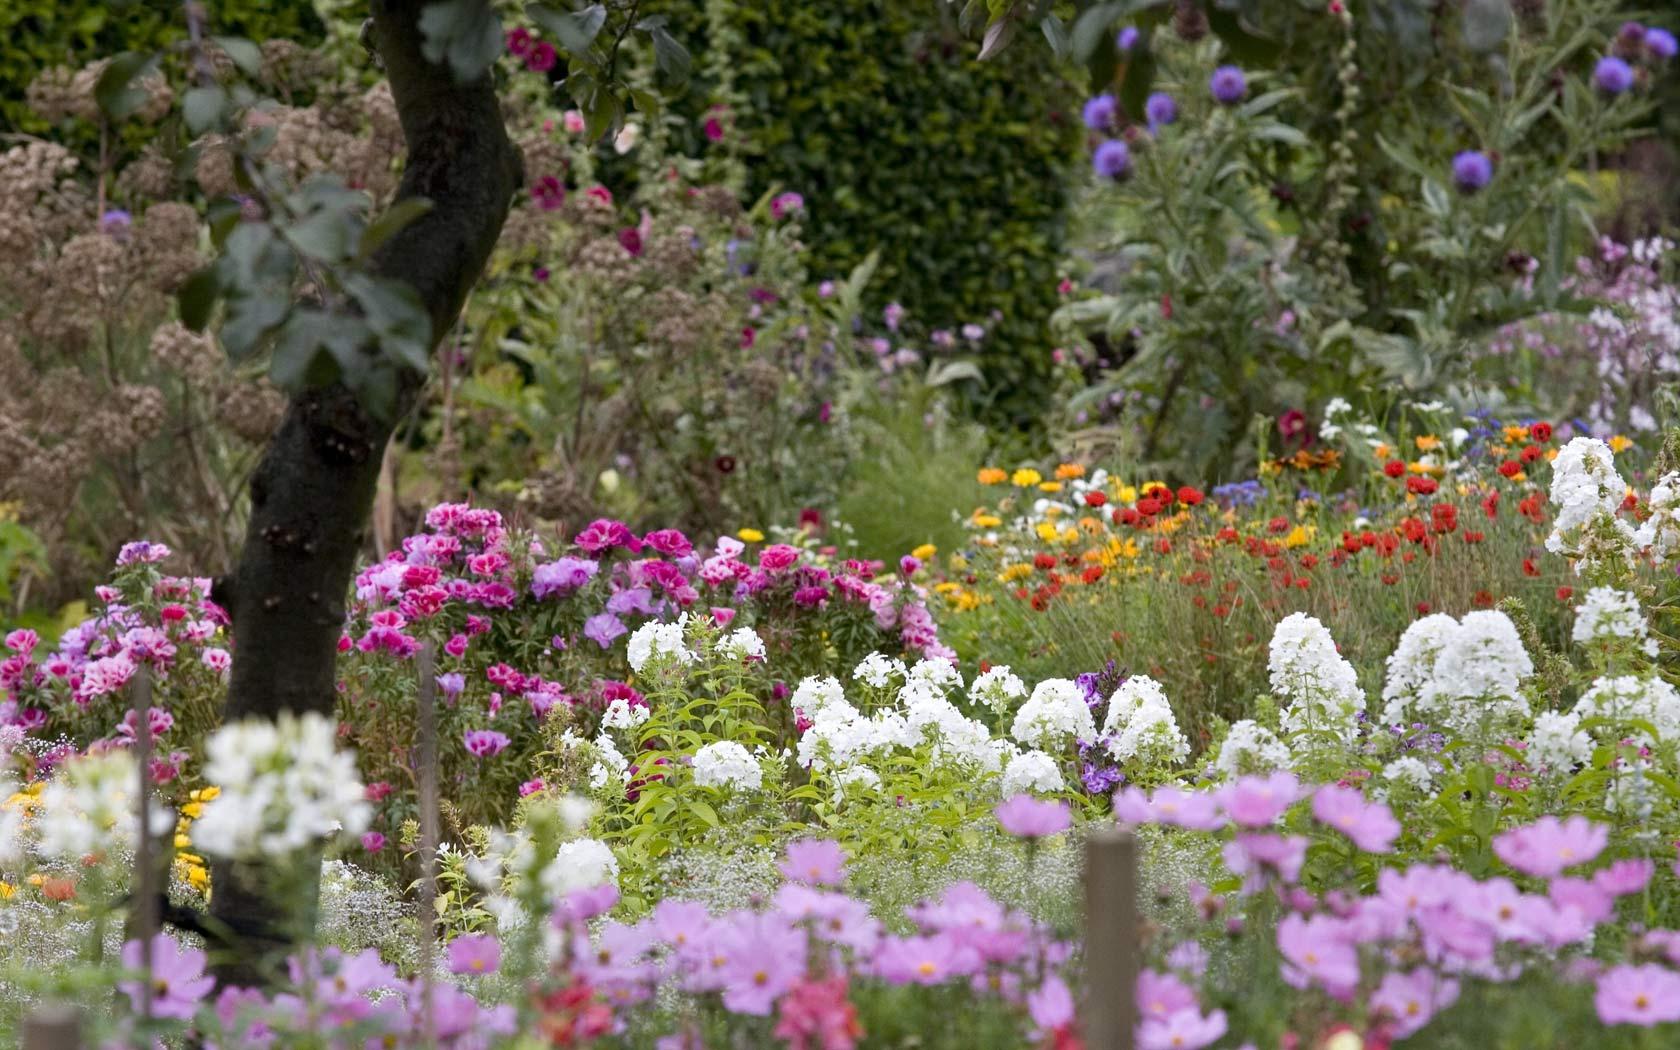 Flower Garden Backgrounds 1680x1050